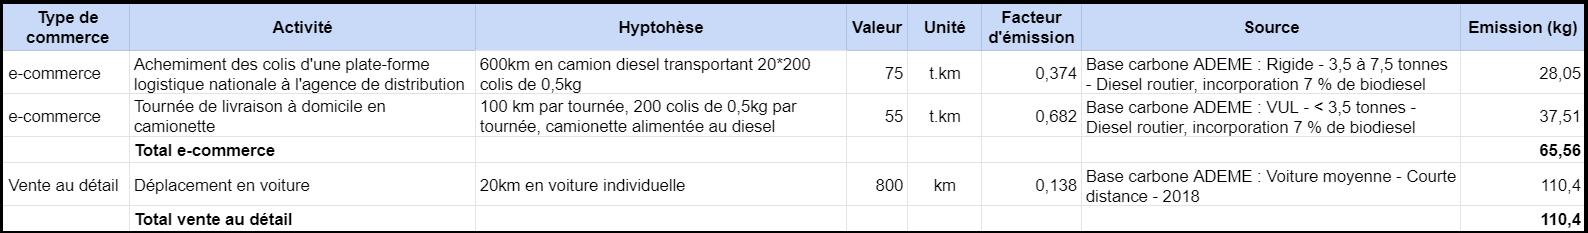 Emissions achats en ligne vs achats physique